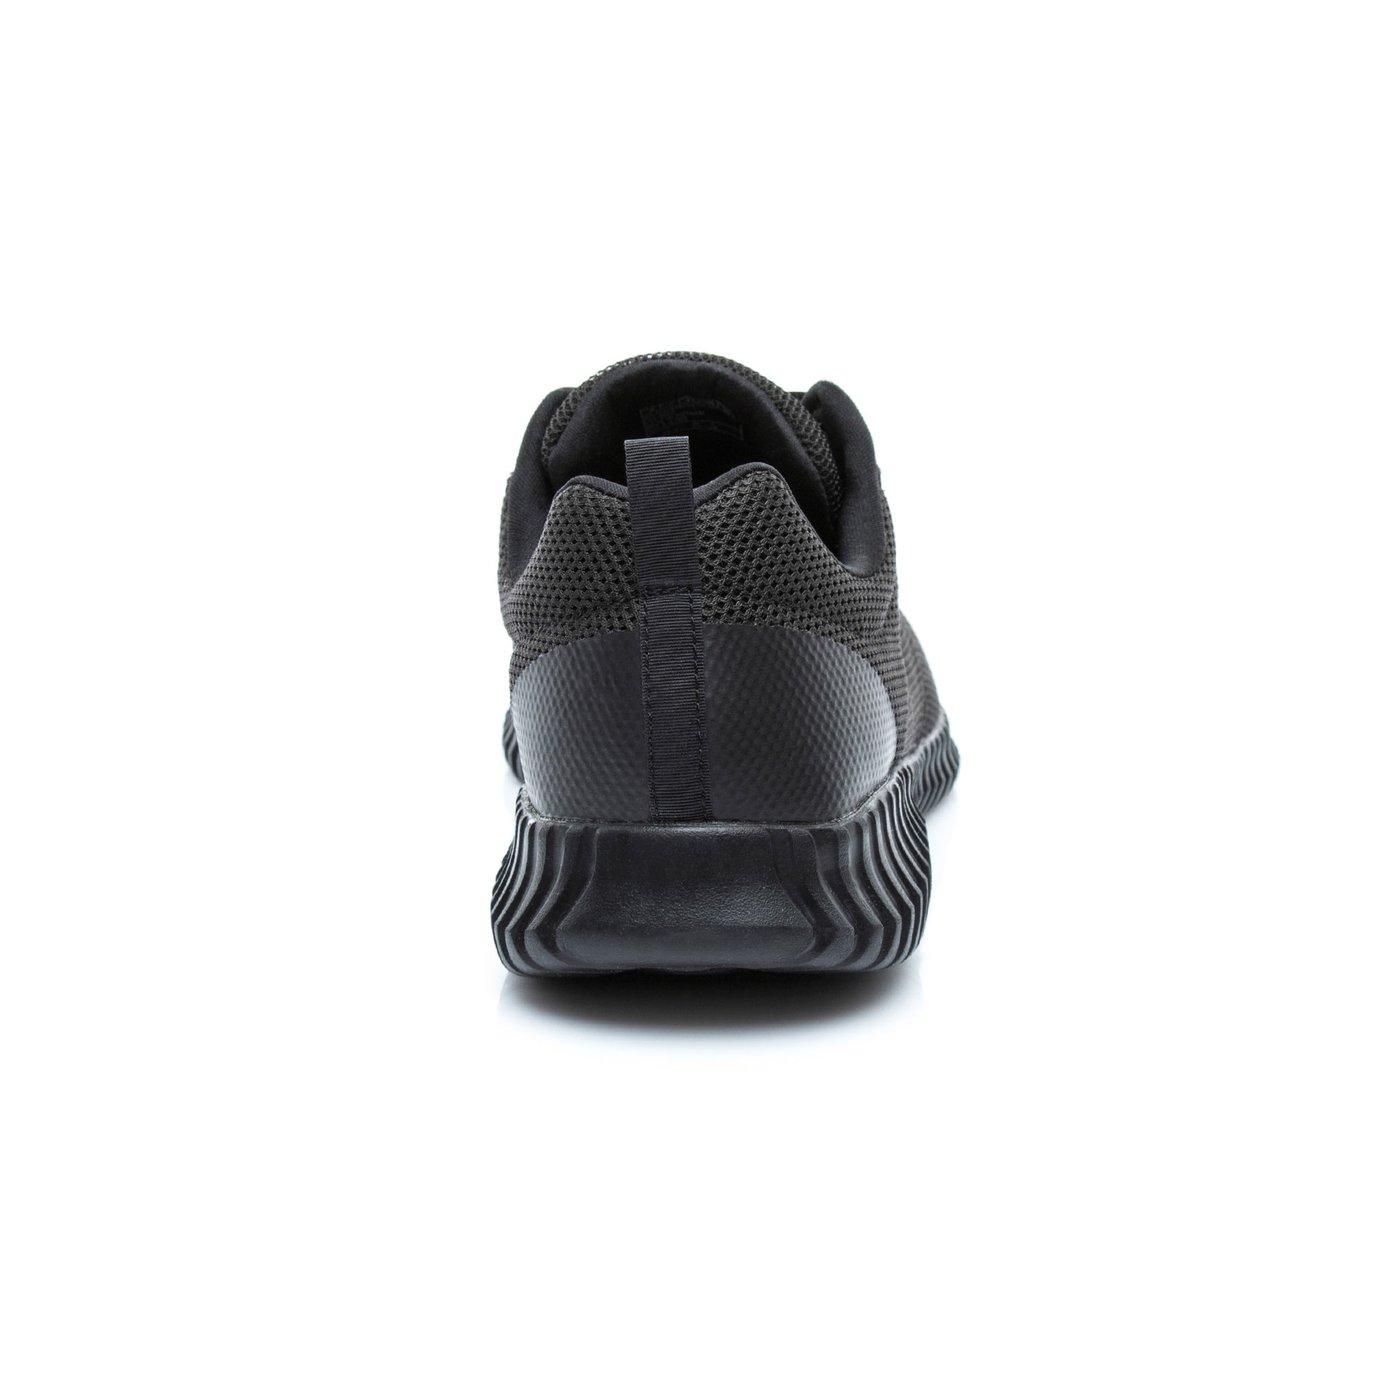 Skechers Elite Flex- Knockto Erkek Siyah Spor Ayakkabı